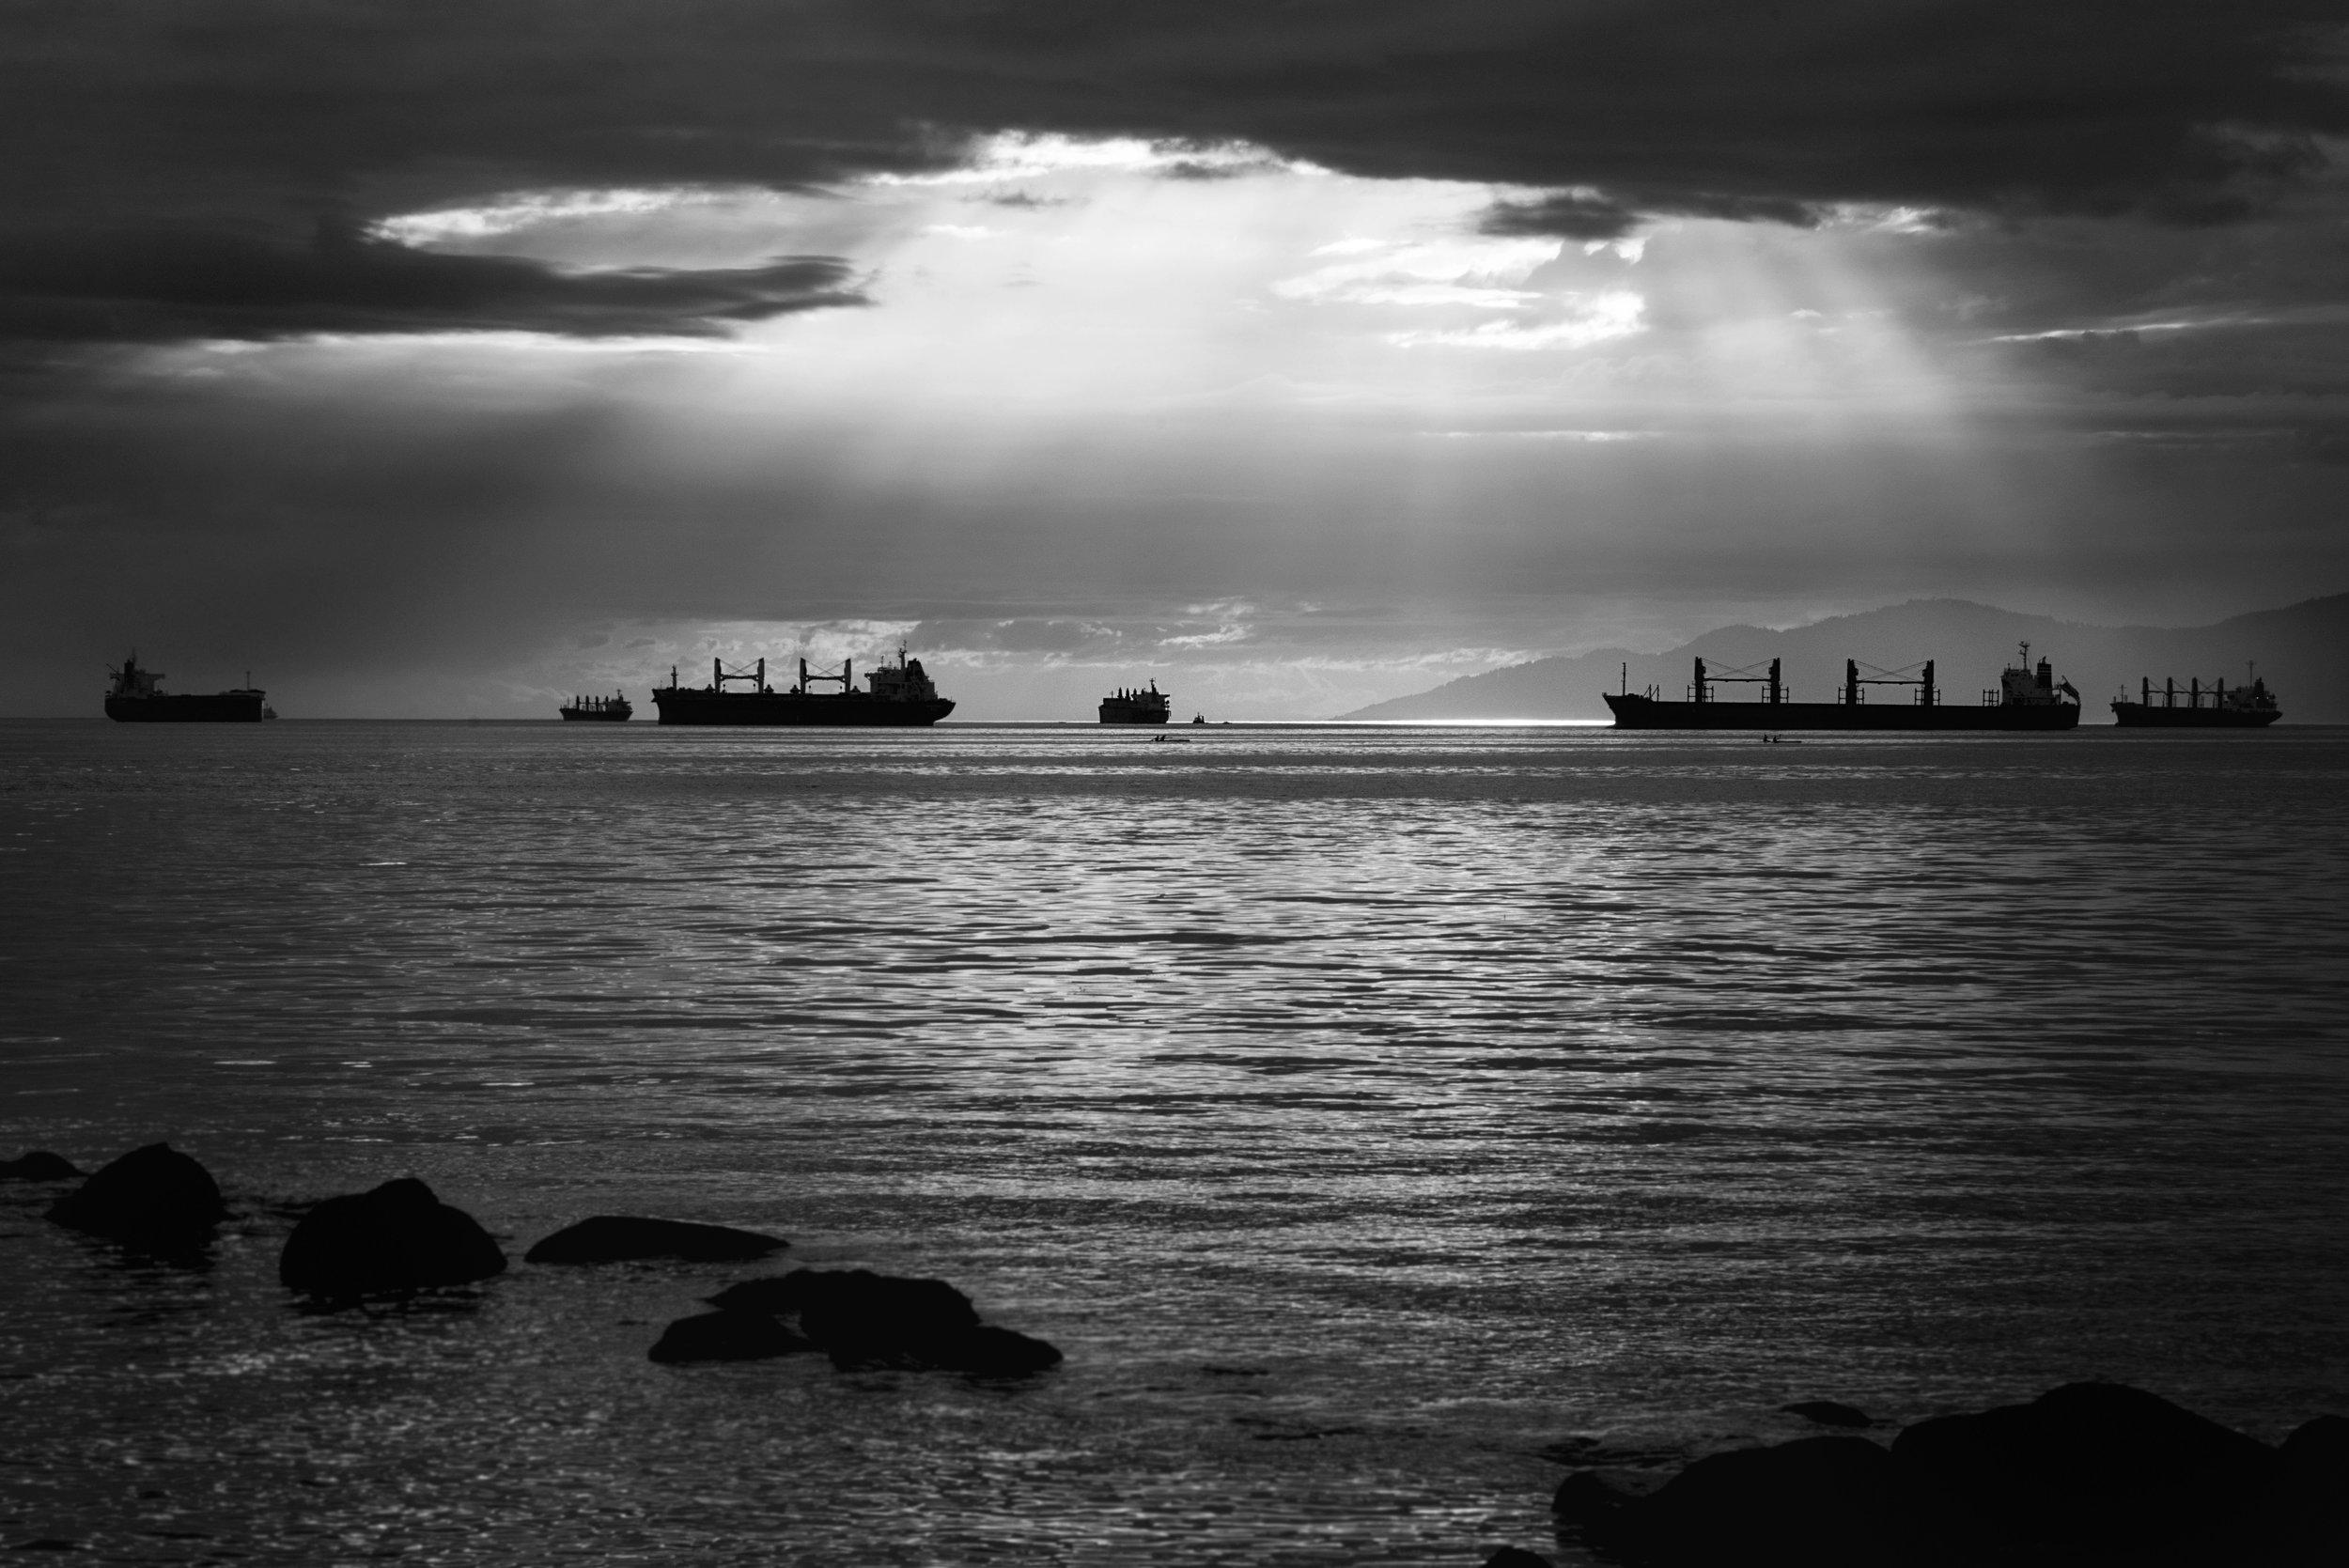 ships offshore mossholder-2442-unsplash.jpg